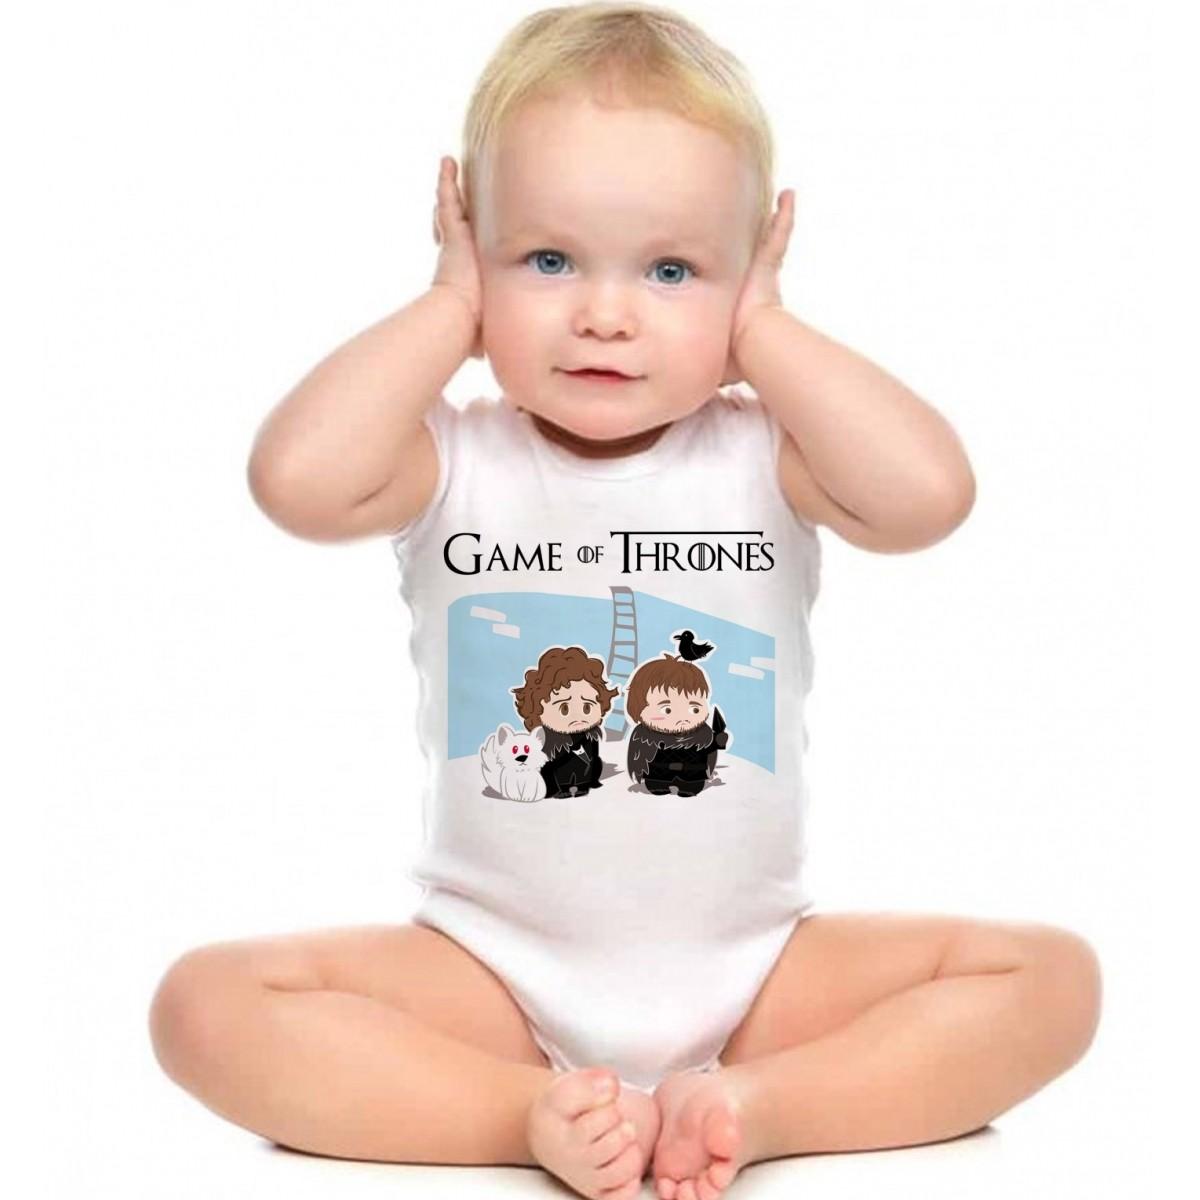 Body Bebê - Filmes - Game of Thrones - White  - Baby Monster - Body Bebe